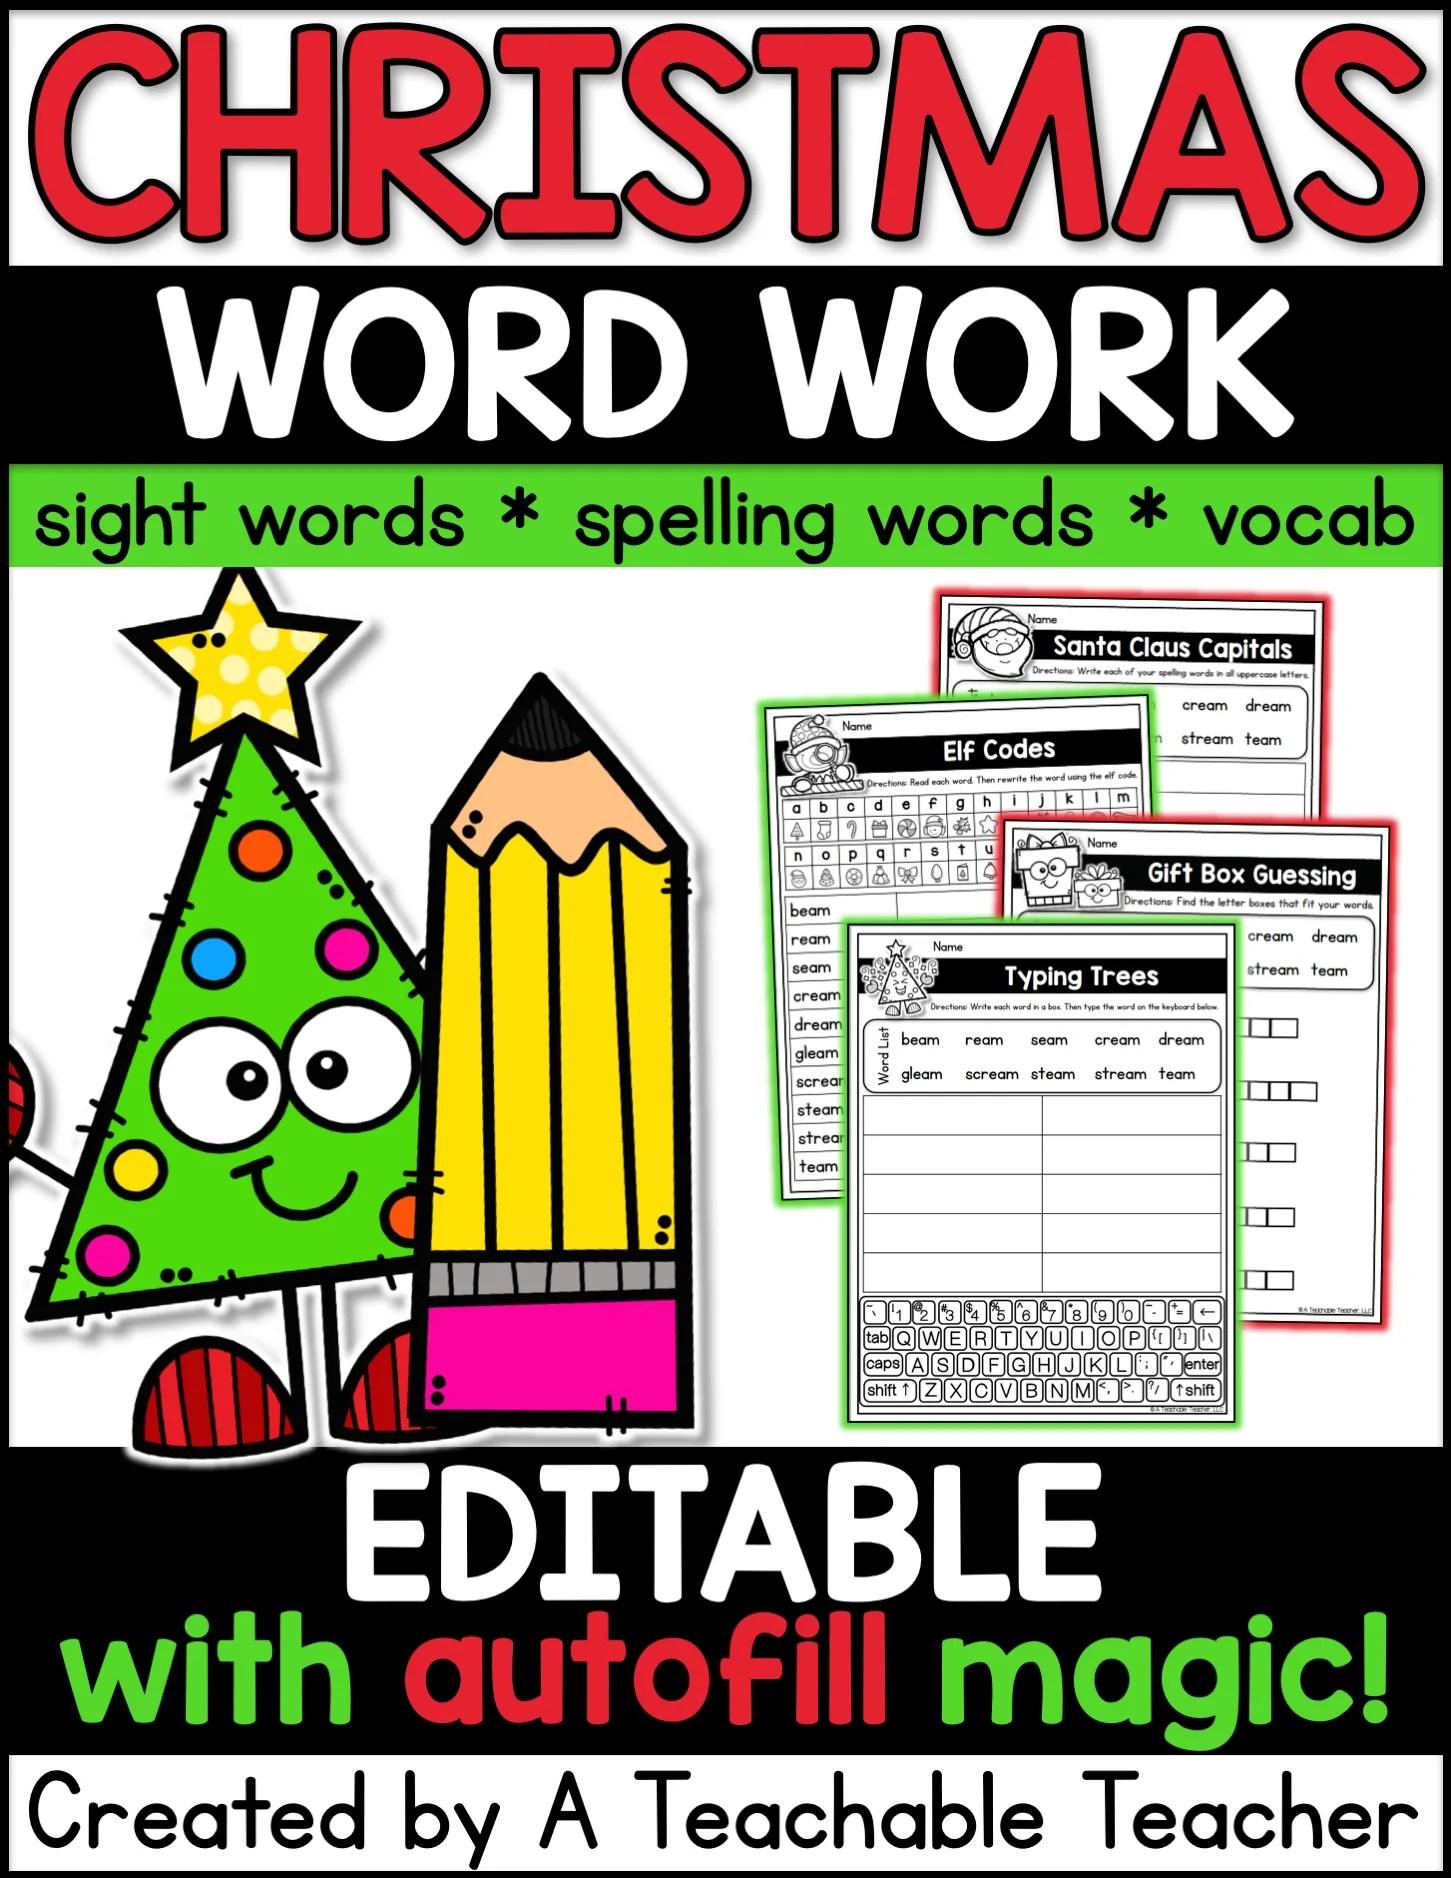 Editable Christmas Word Work